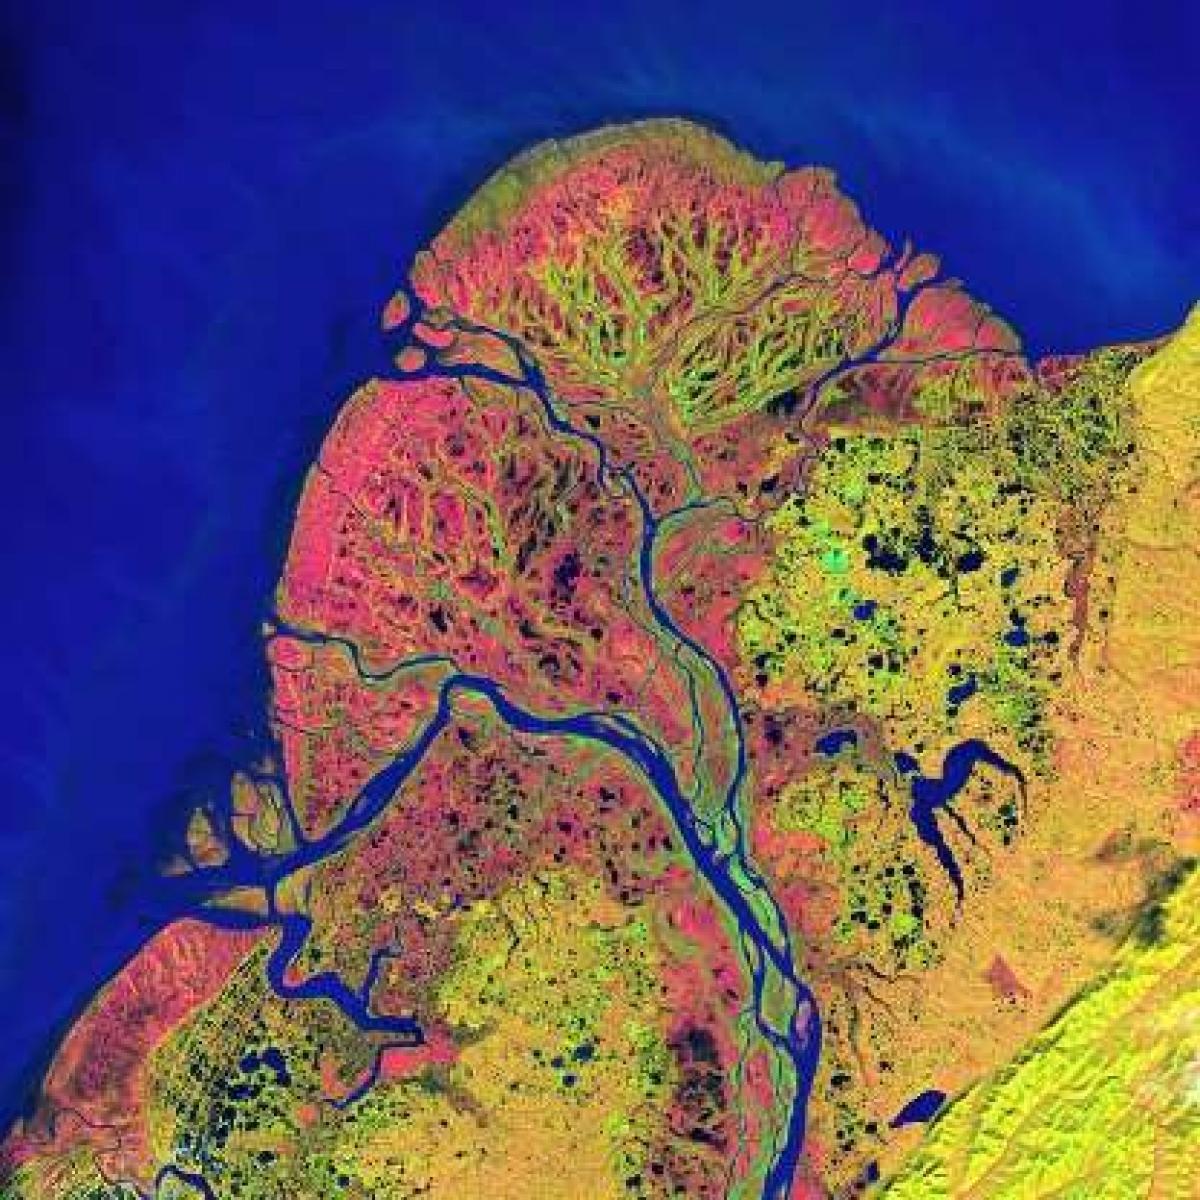 Bức ảnh ấn tượng của Đồng bằng Yukon qua vệ tinh quan sát Landsat của NASA đã cho thấy vẻ đẹp siêu thực của hành tinh chúng ta.